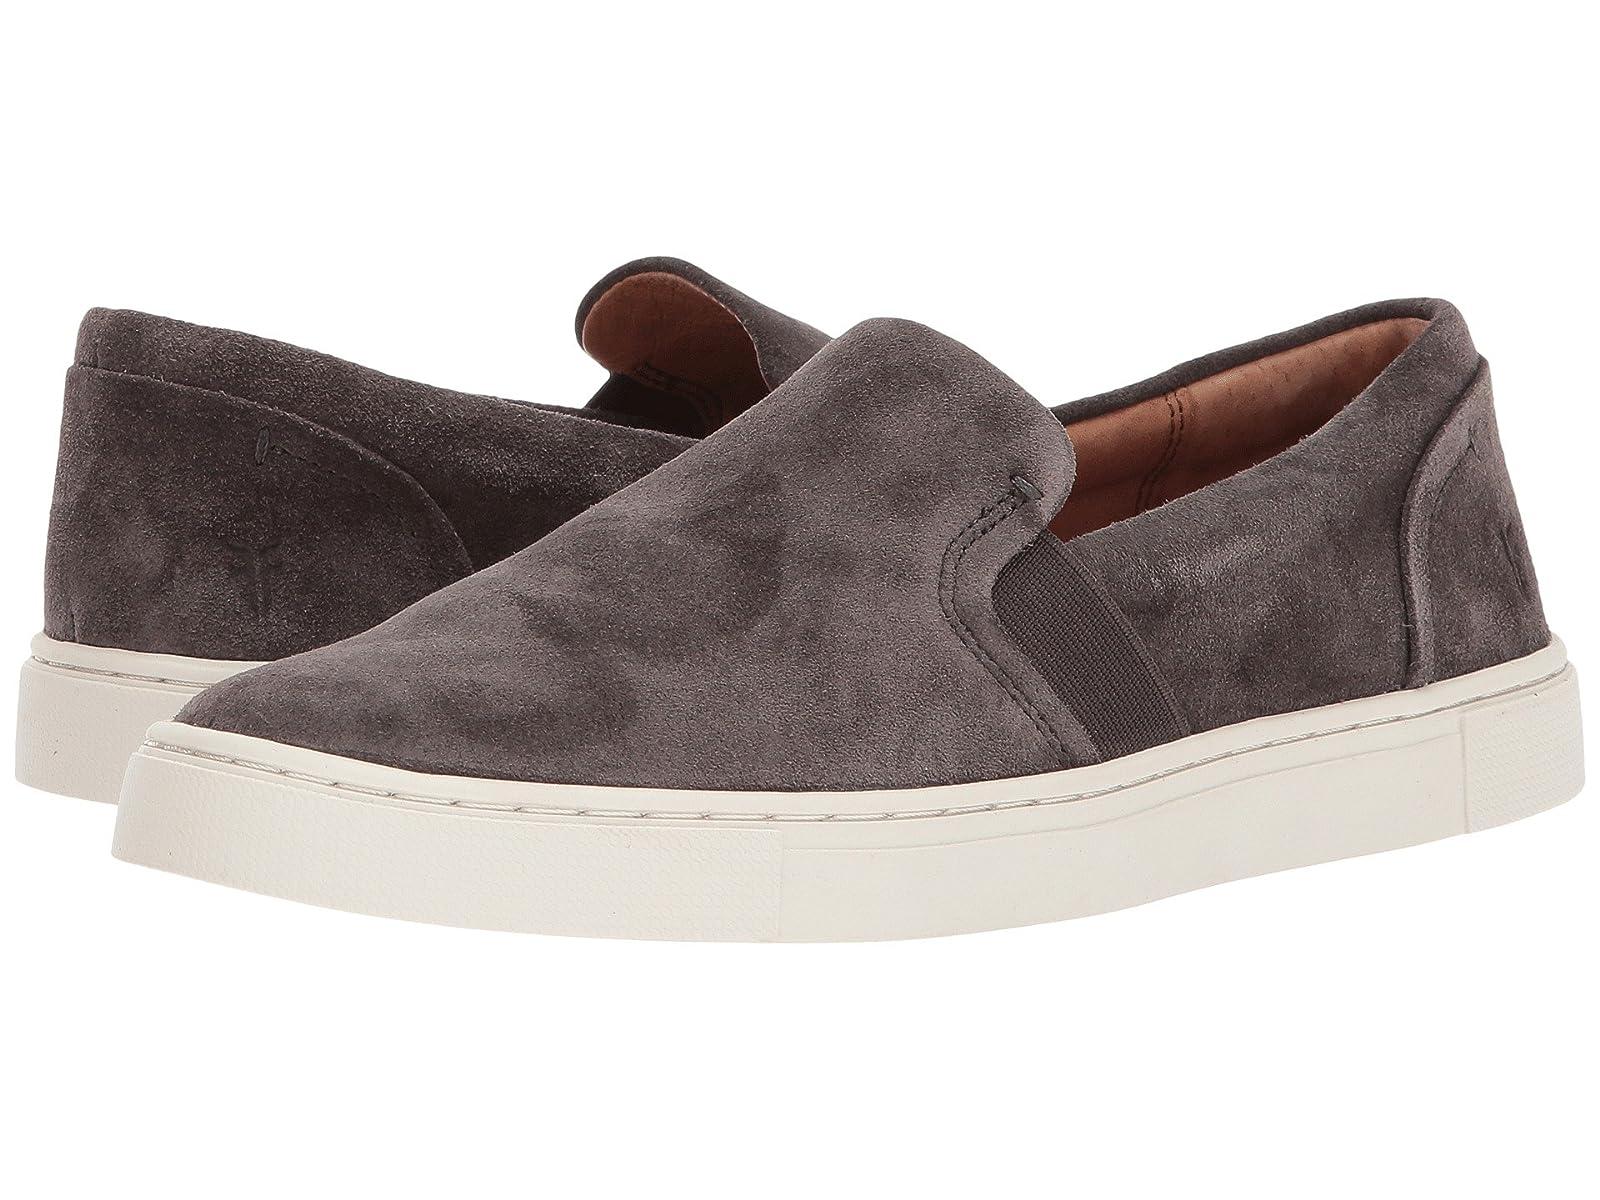 Frye Ivy SlipAtmospheric grades have affordable shoes